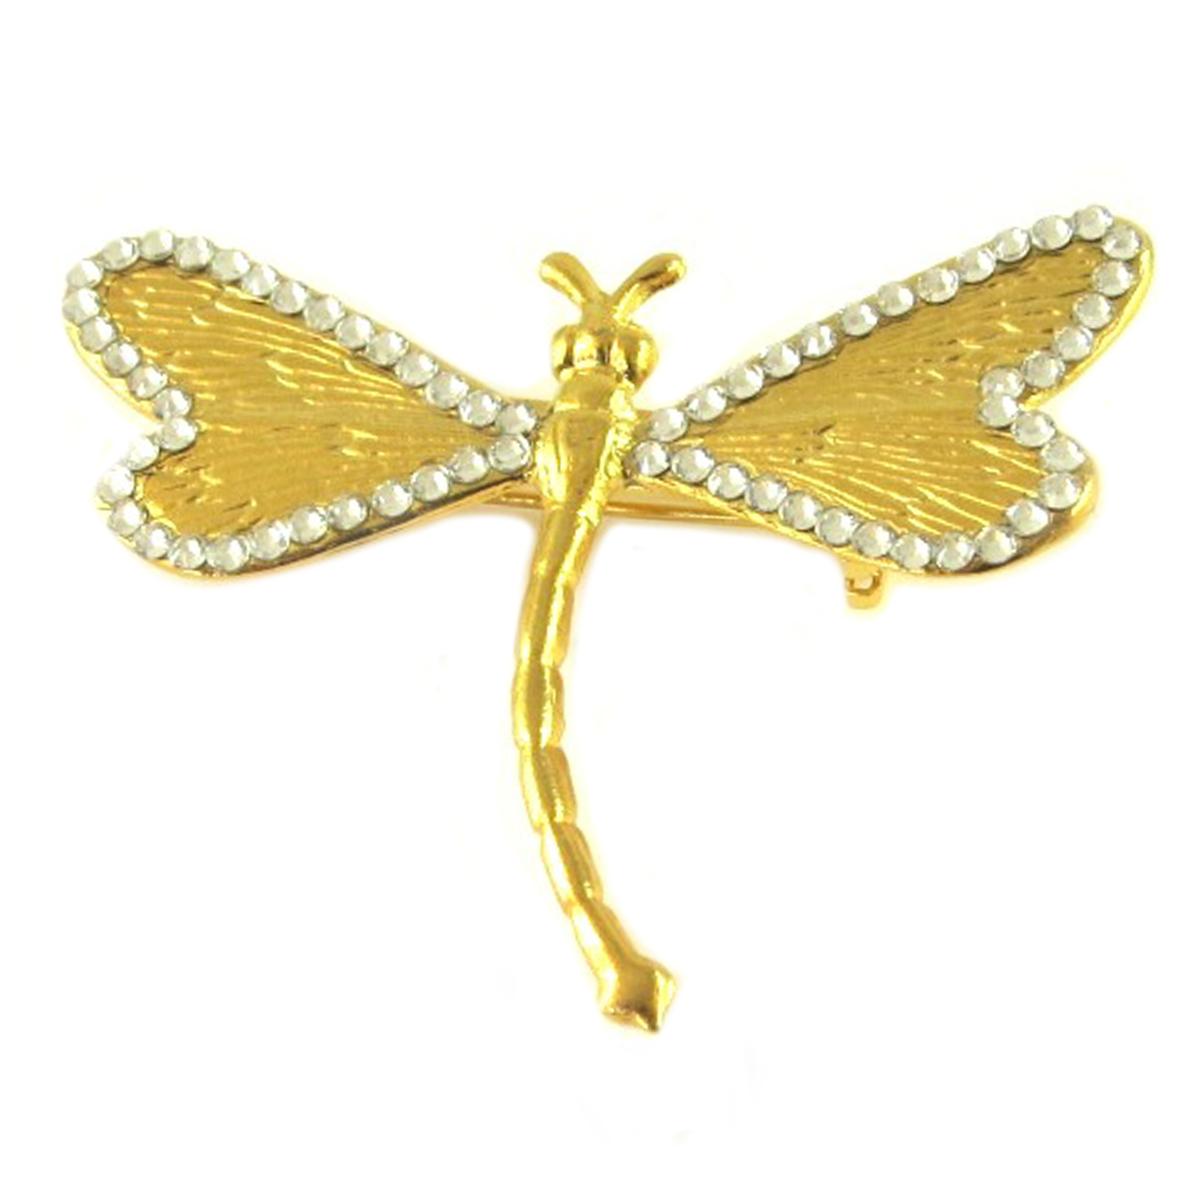 Broche artisanale \'Athena\' blanc doré (libellule) - 50x40 mm - [Q7838]